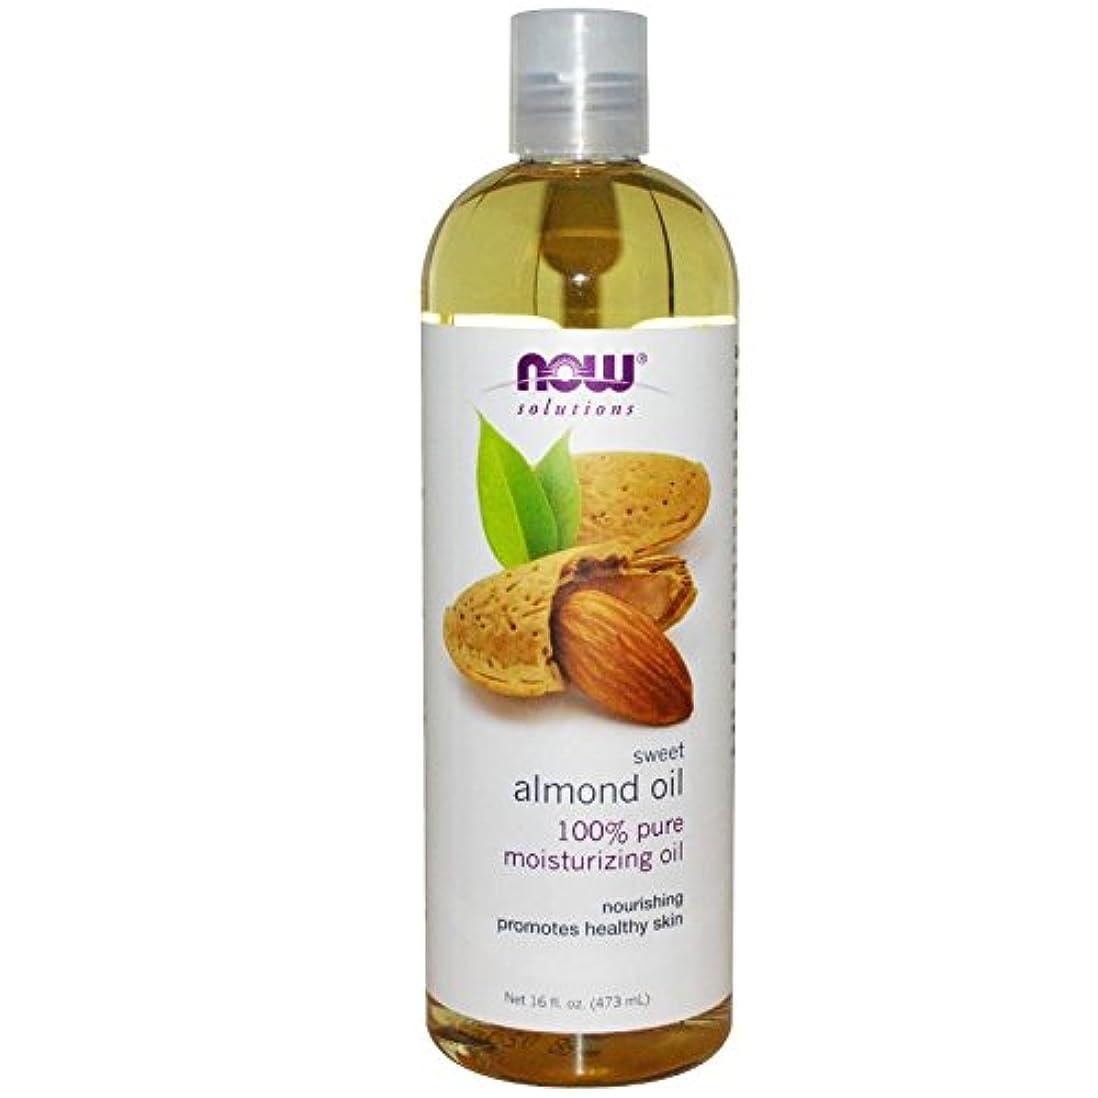 クローゼットあいまいなふつう【国内発送】 Now Solutions Sweet Almond Oil 16 oz. (473ml) [並行輸入品]